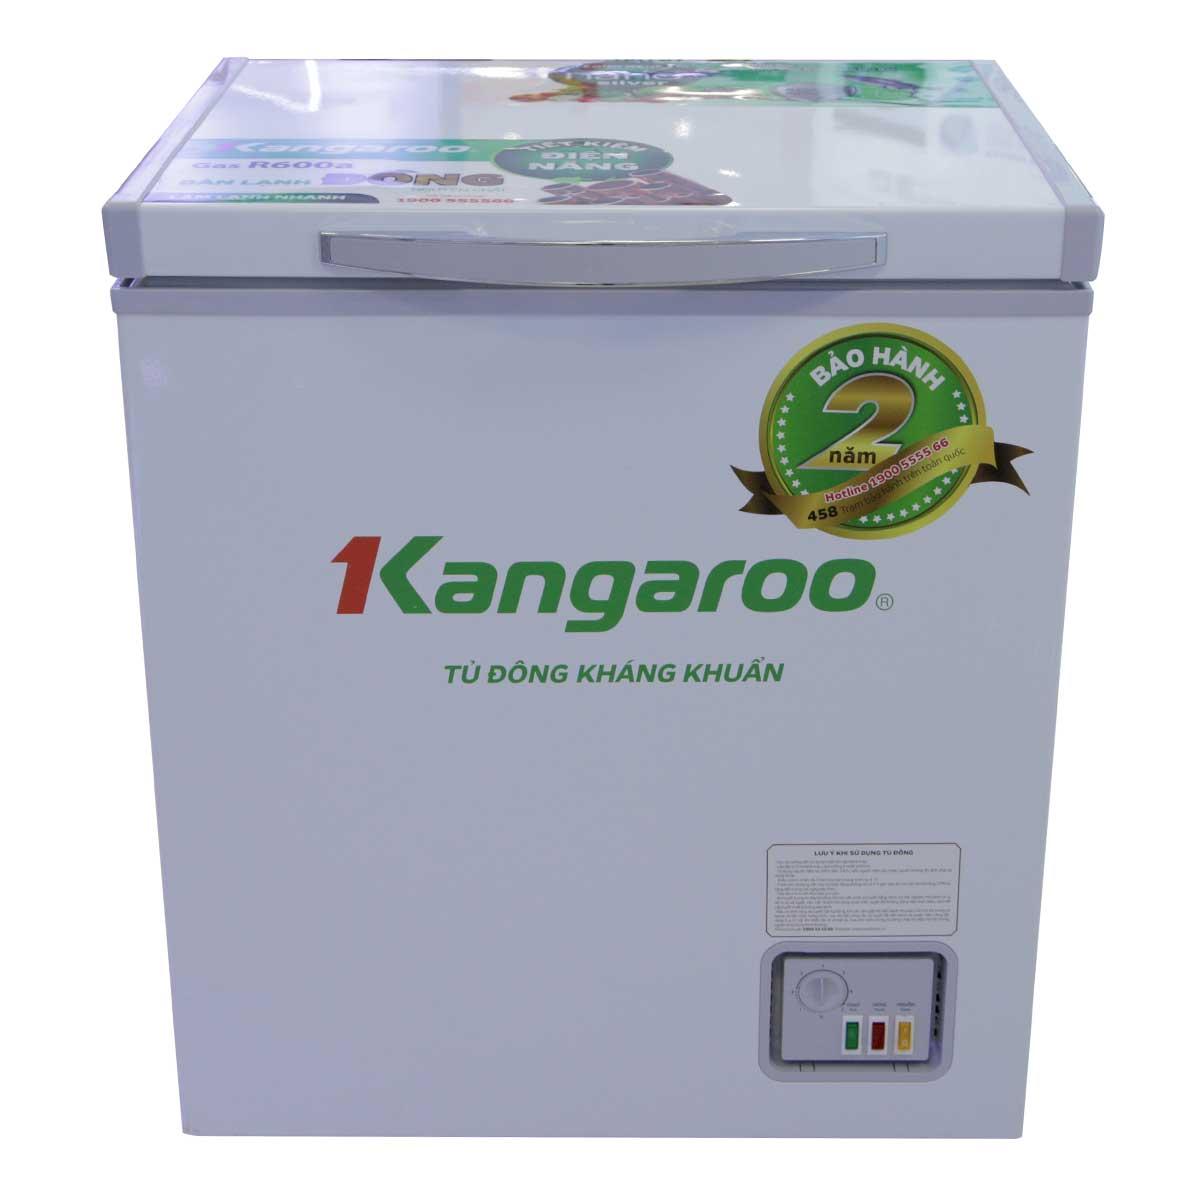 Tủ đông kháng khuẩn Kangaroo KG168NC1